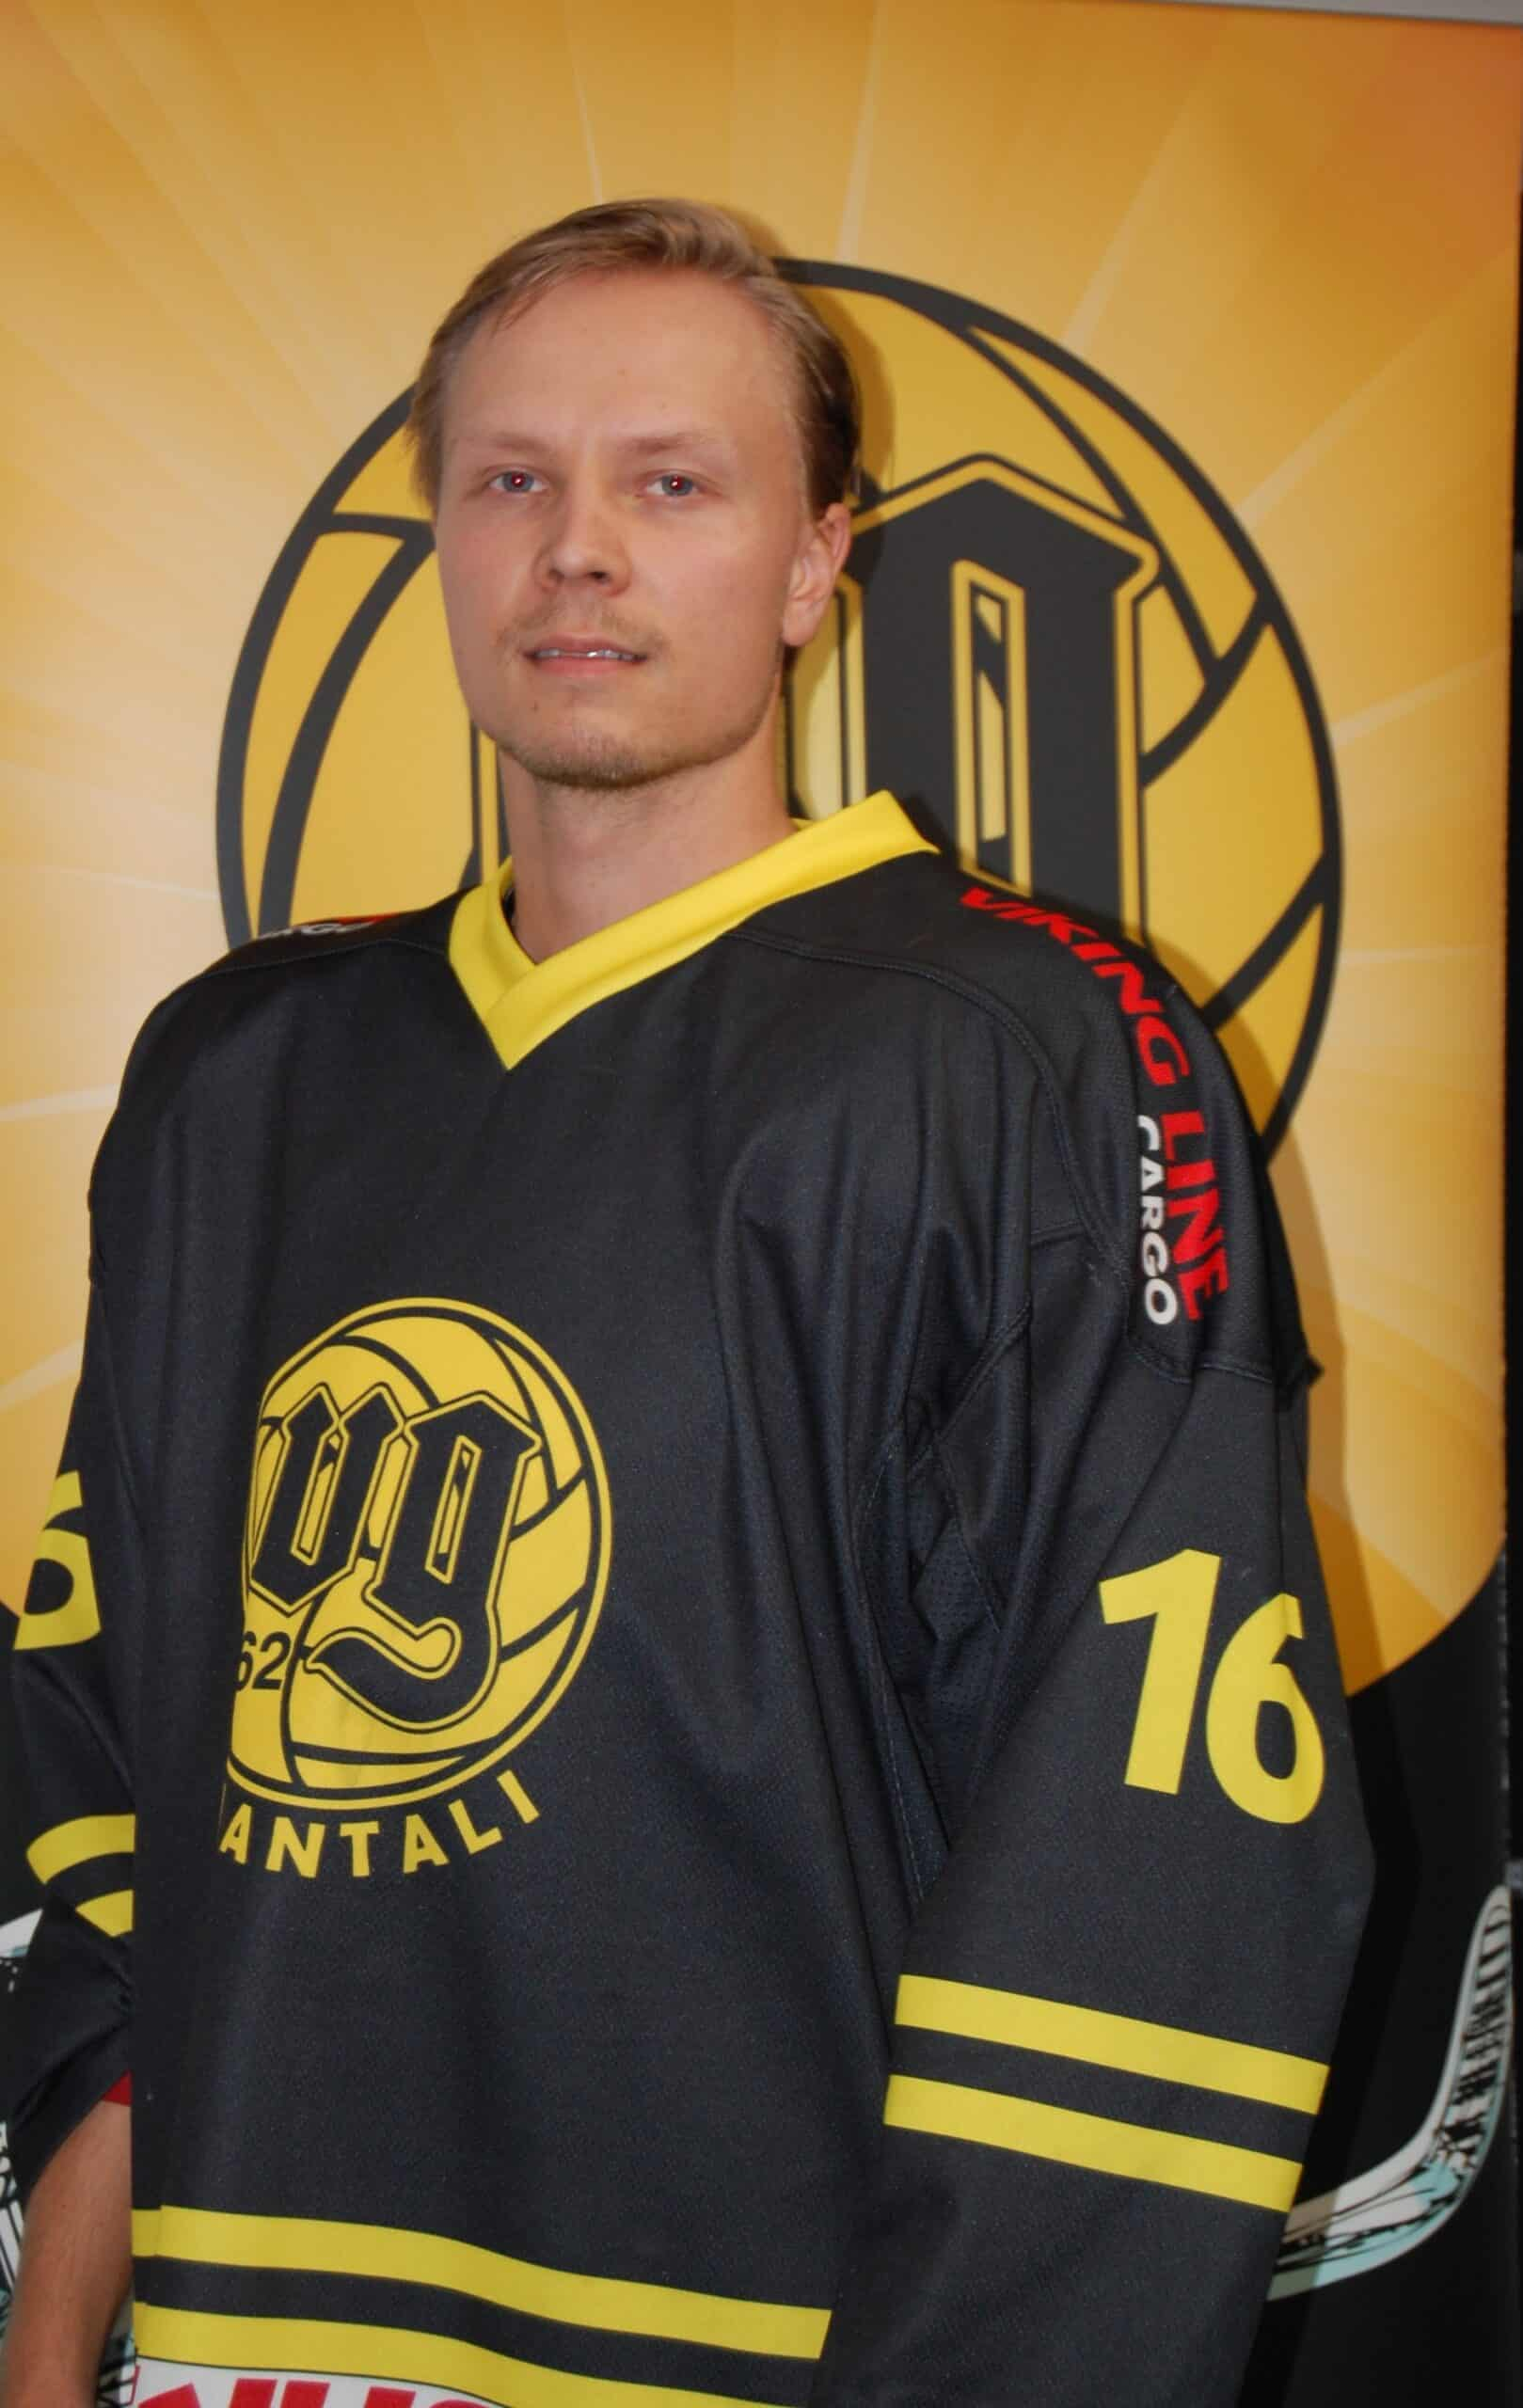 Erik Uusaari